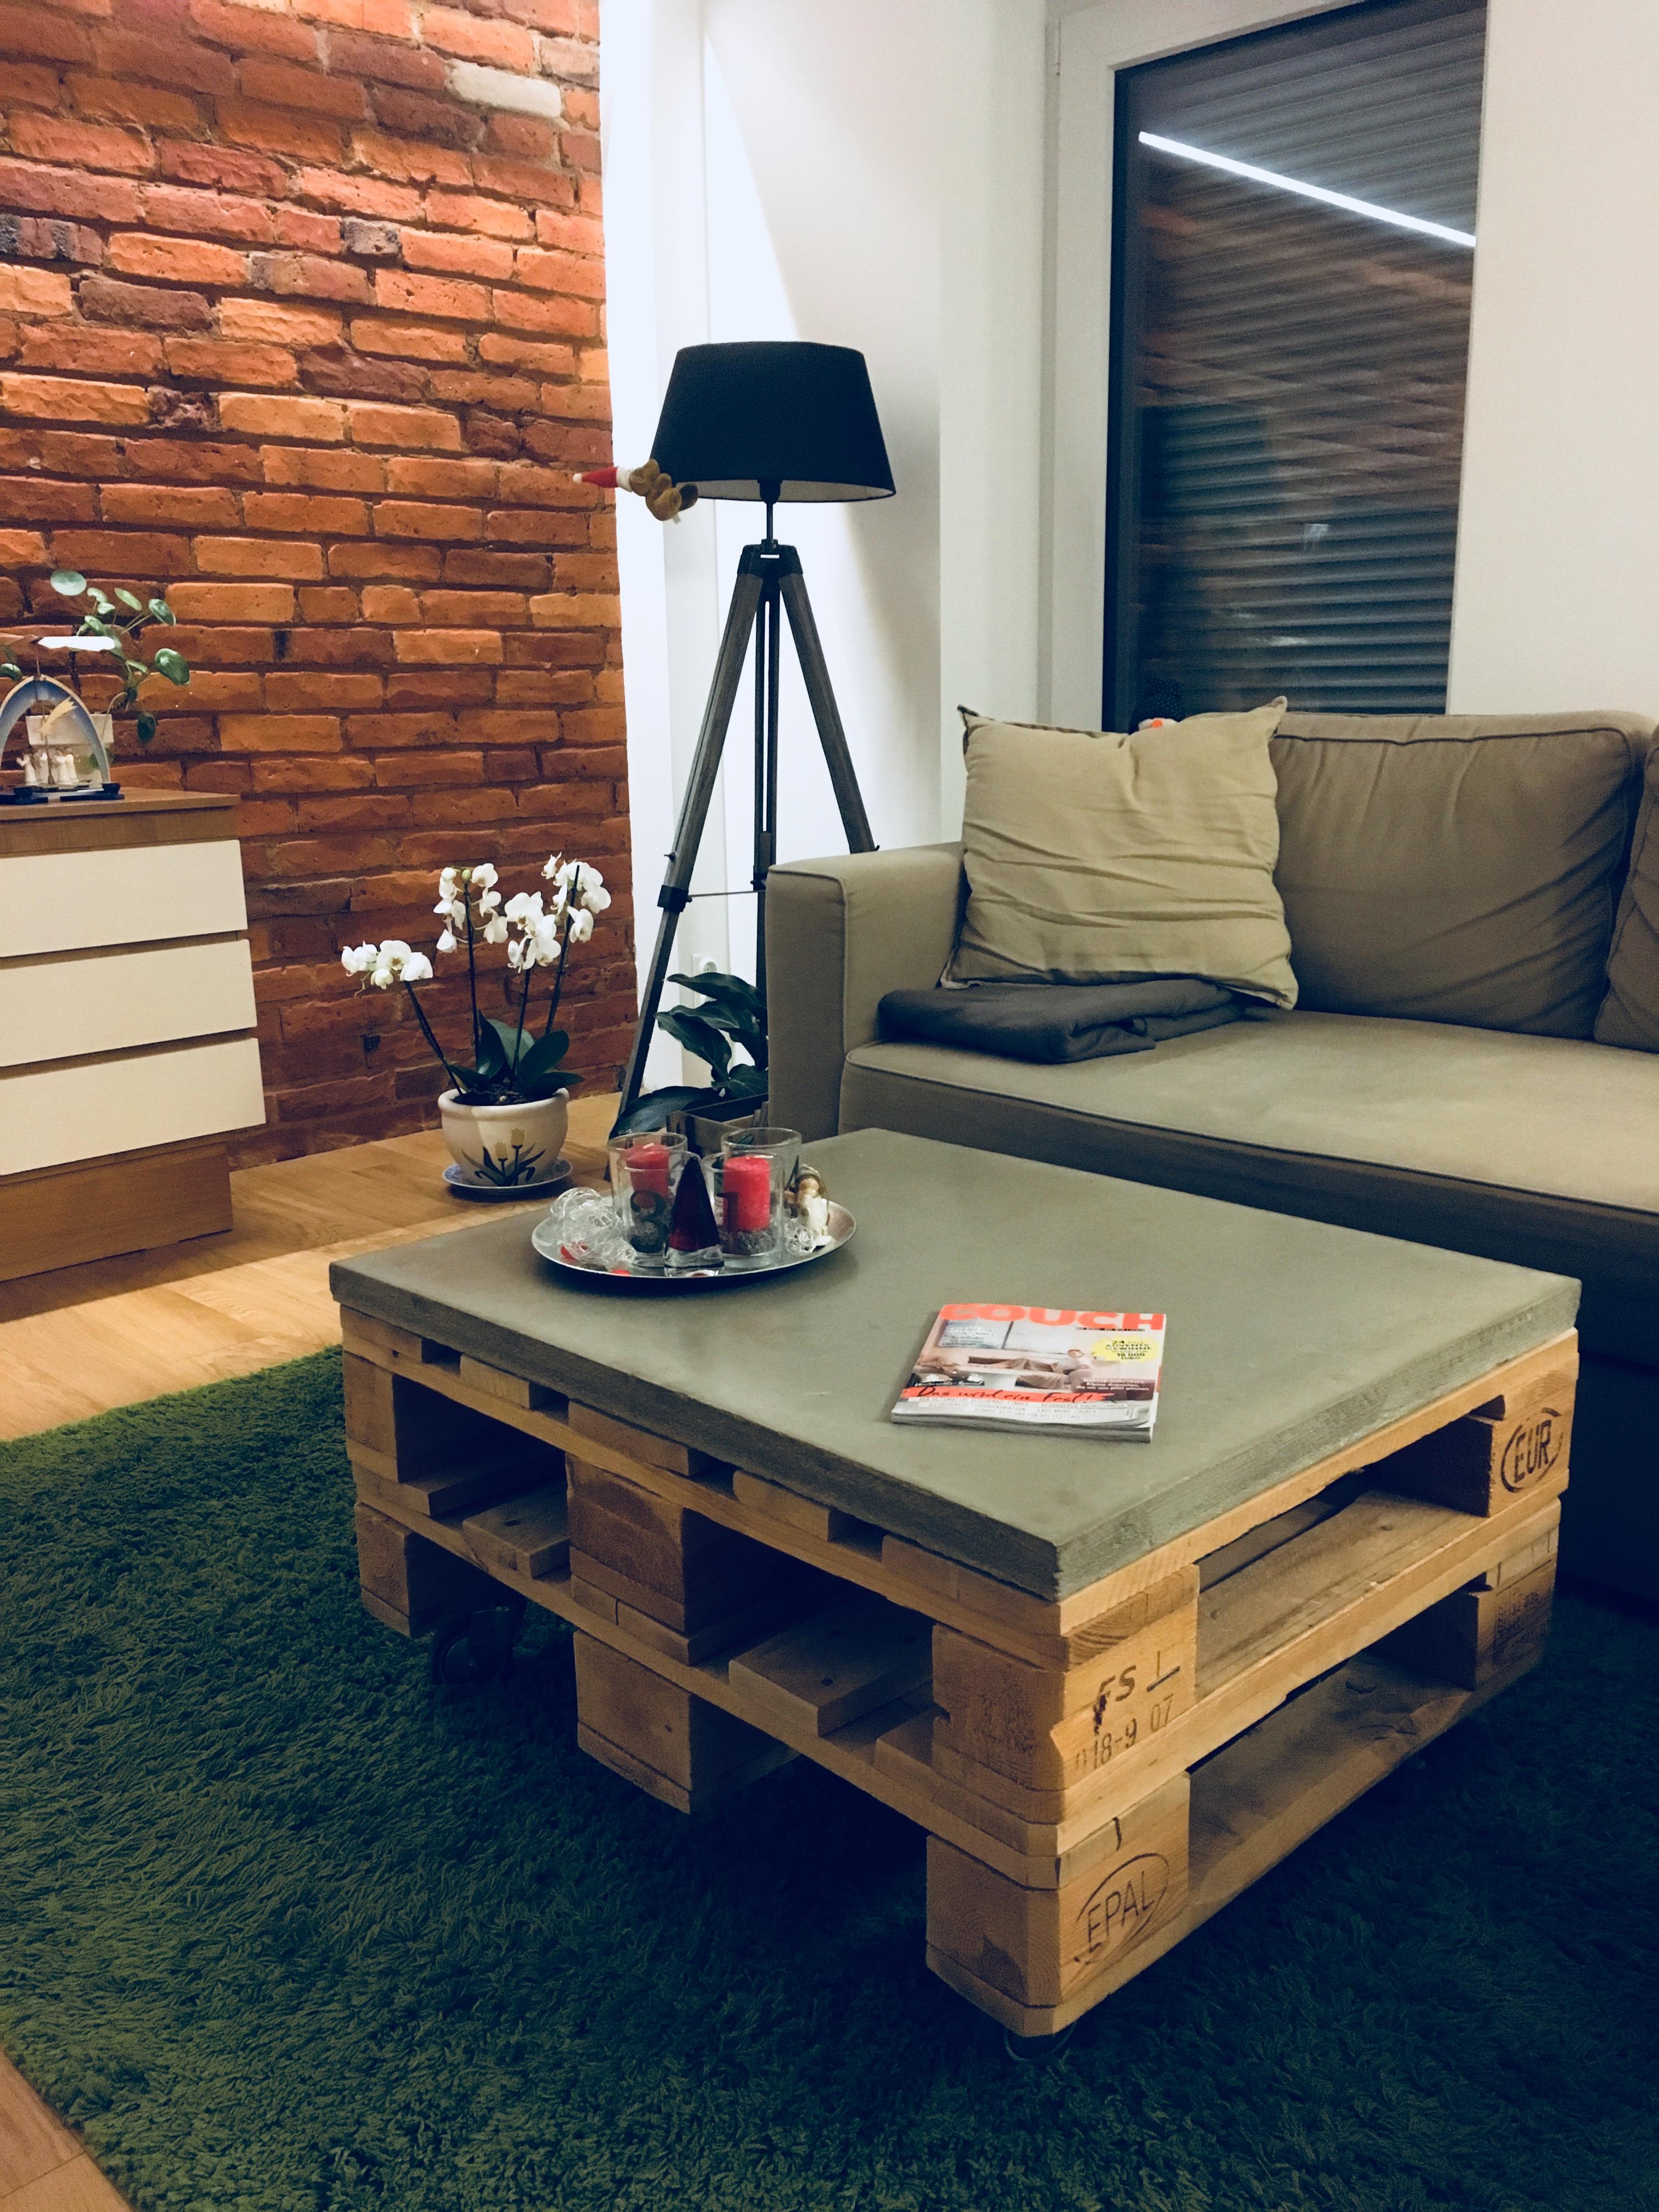 gemtlicher palettenbeton tisch frs wohnzimmer livingabc palettenmbel beton ikea - Wohnzimmer Paletten